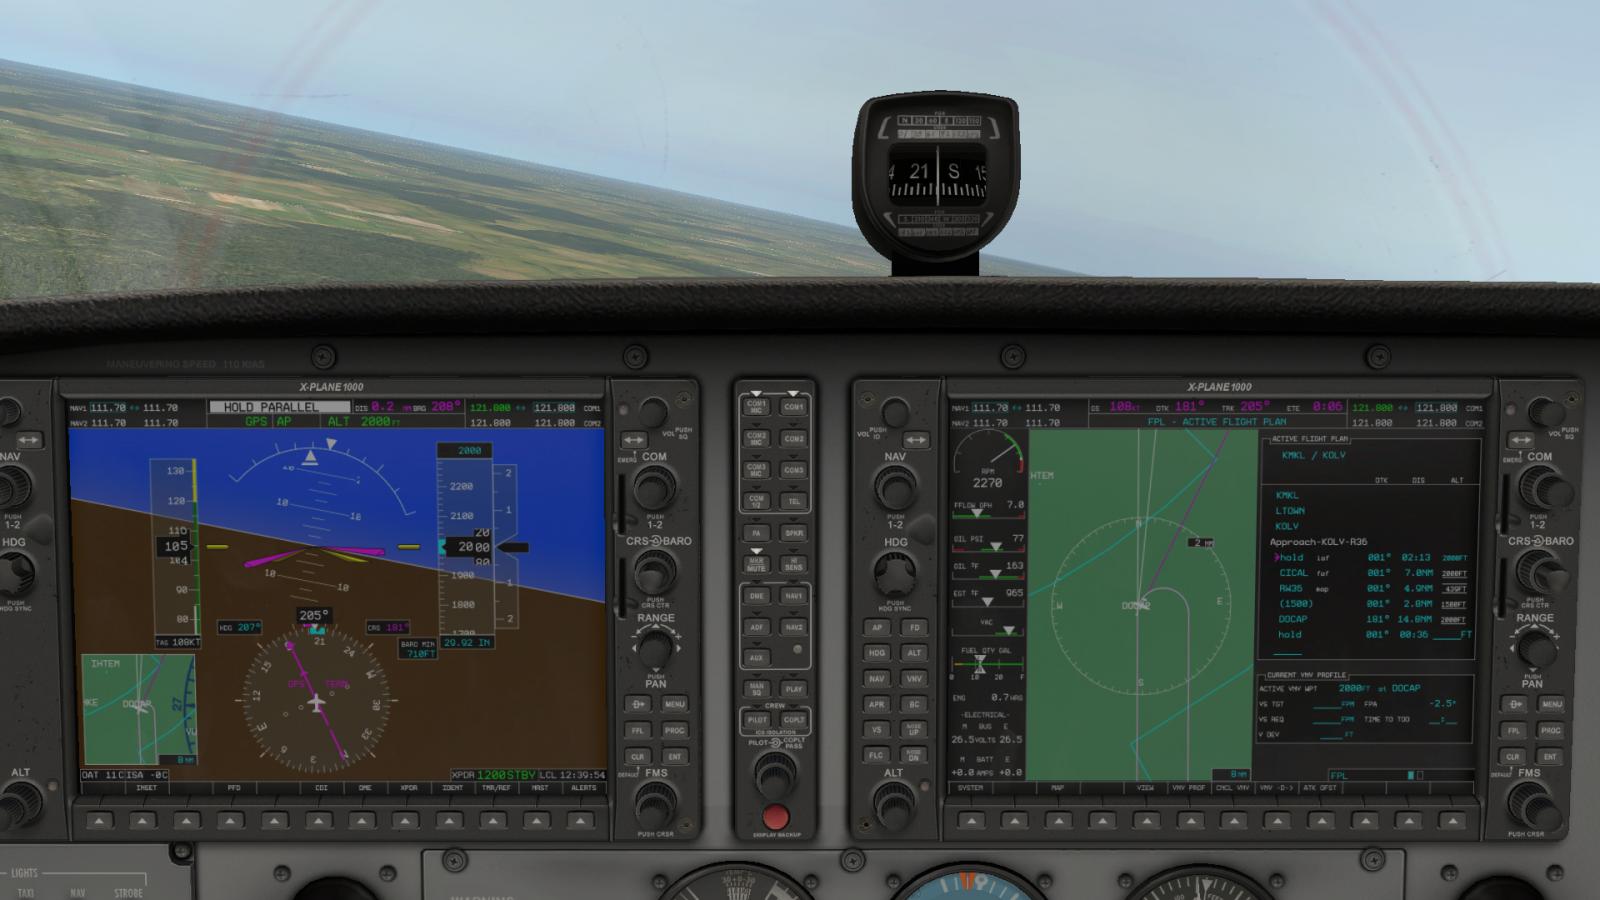 Strange G1000 autopilot behavior on entering published holds